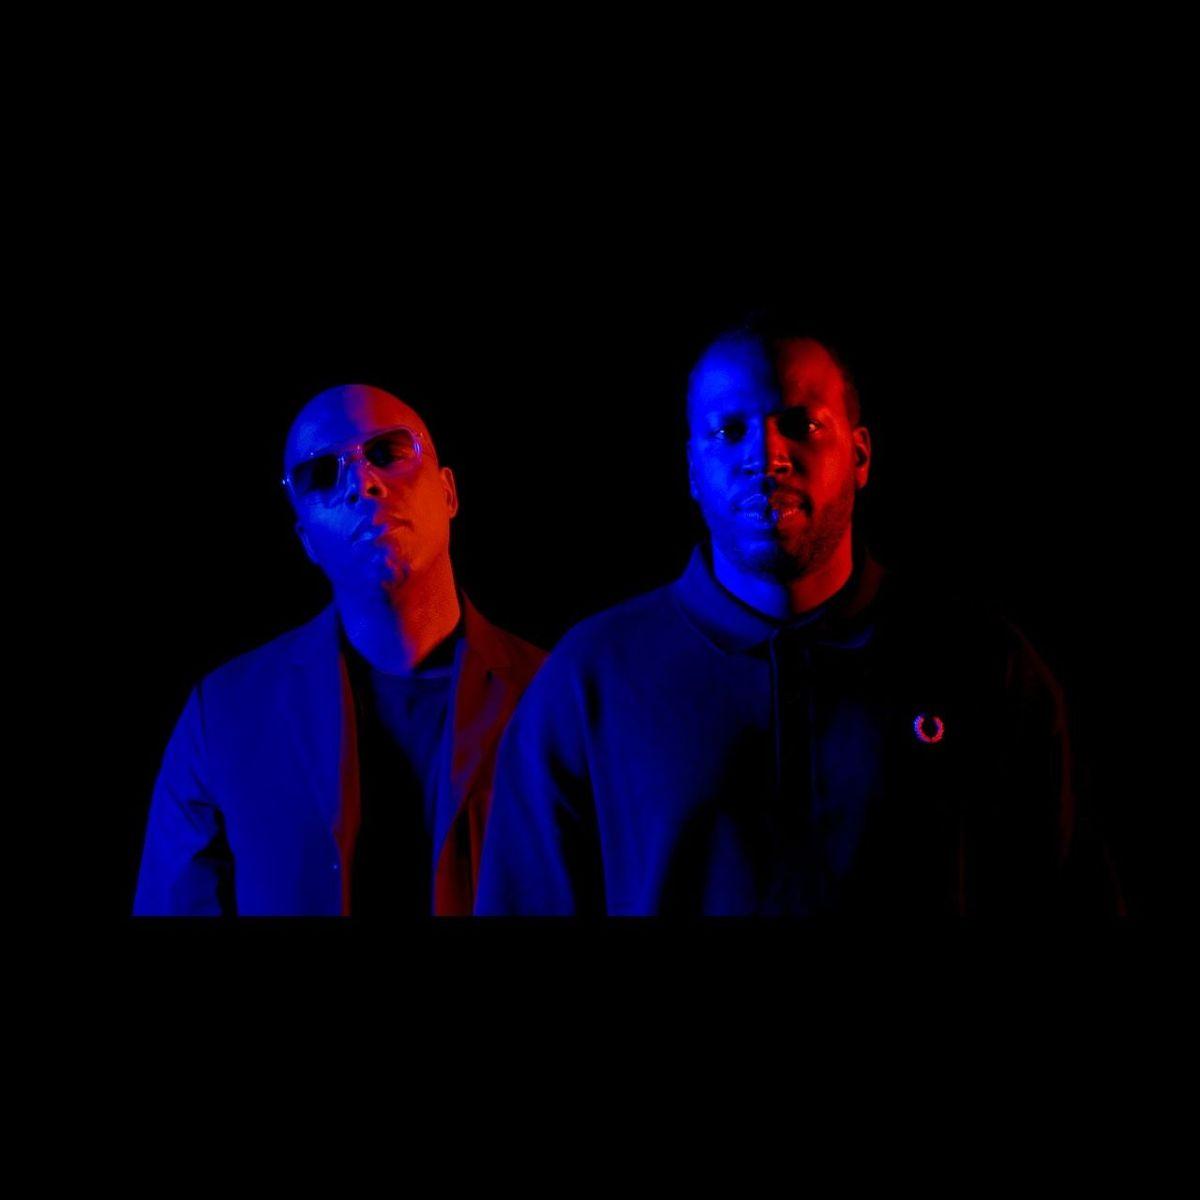 Dino D'Santiago - My lover (ft. Nelson Freitas) (Thumbnail)